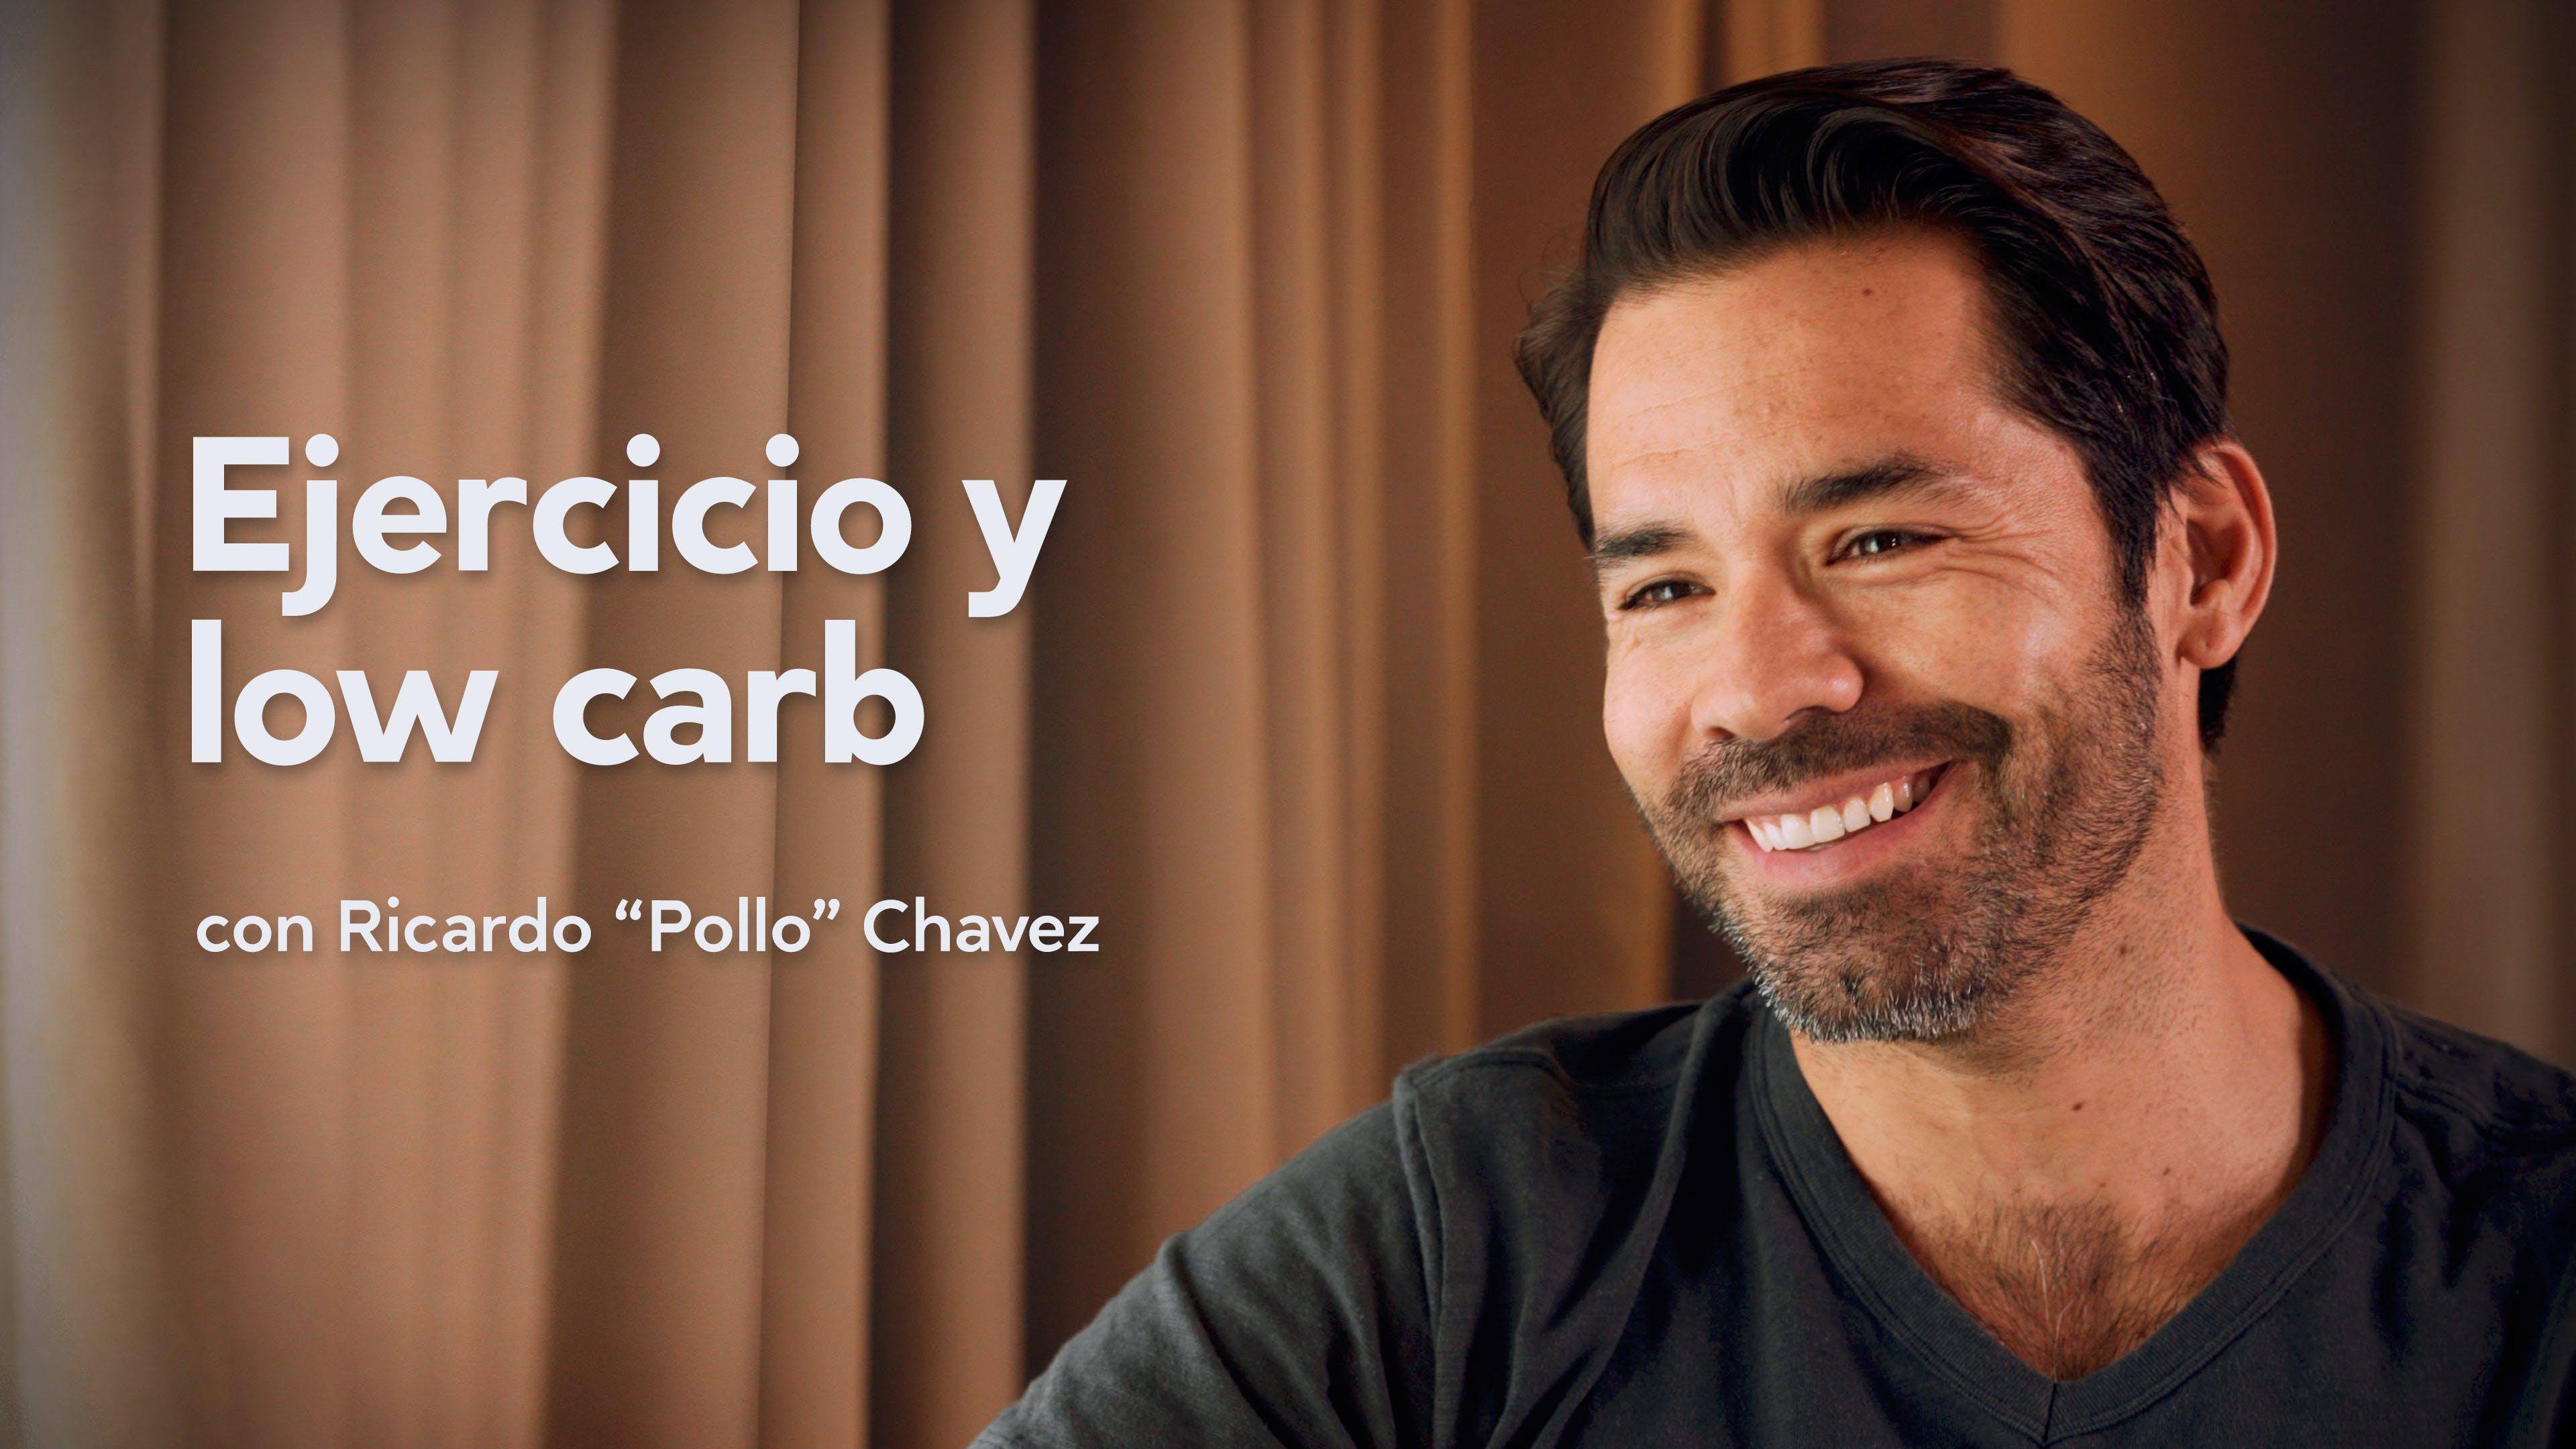 Ejercicio y low-carb con Ricardo Chávez